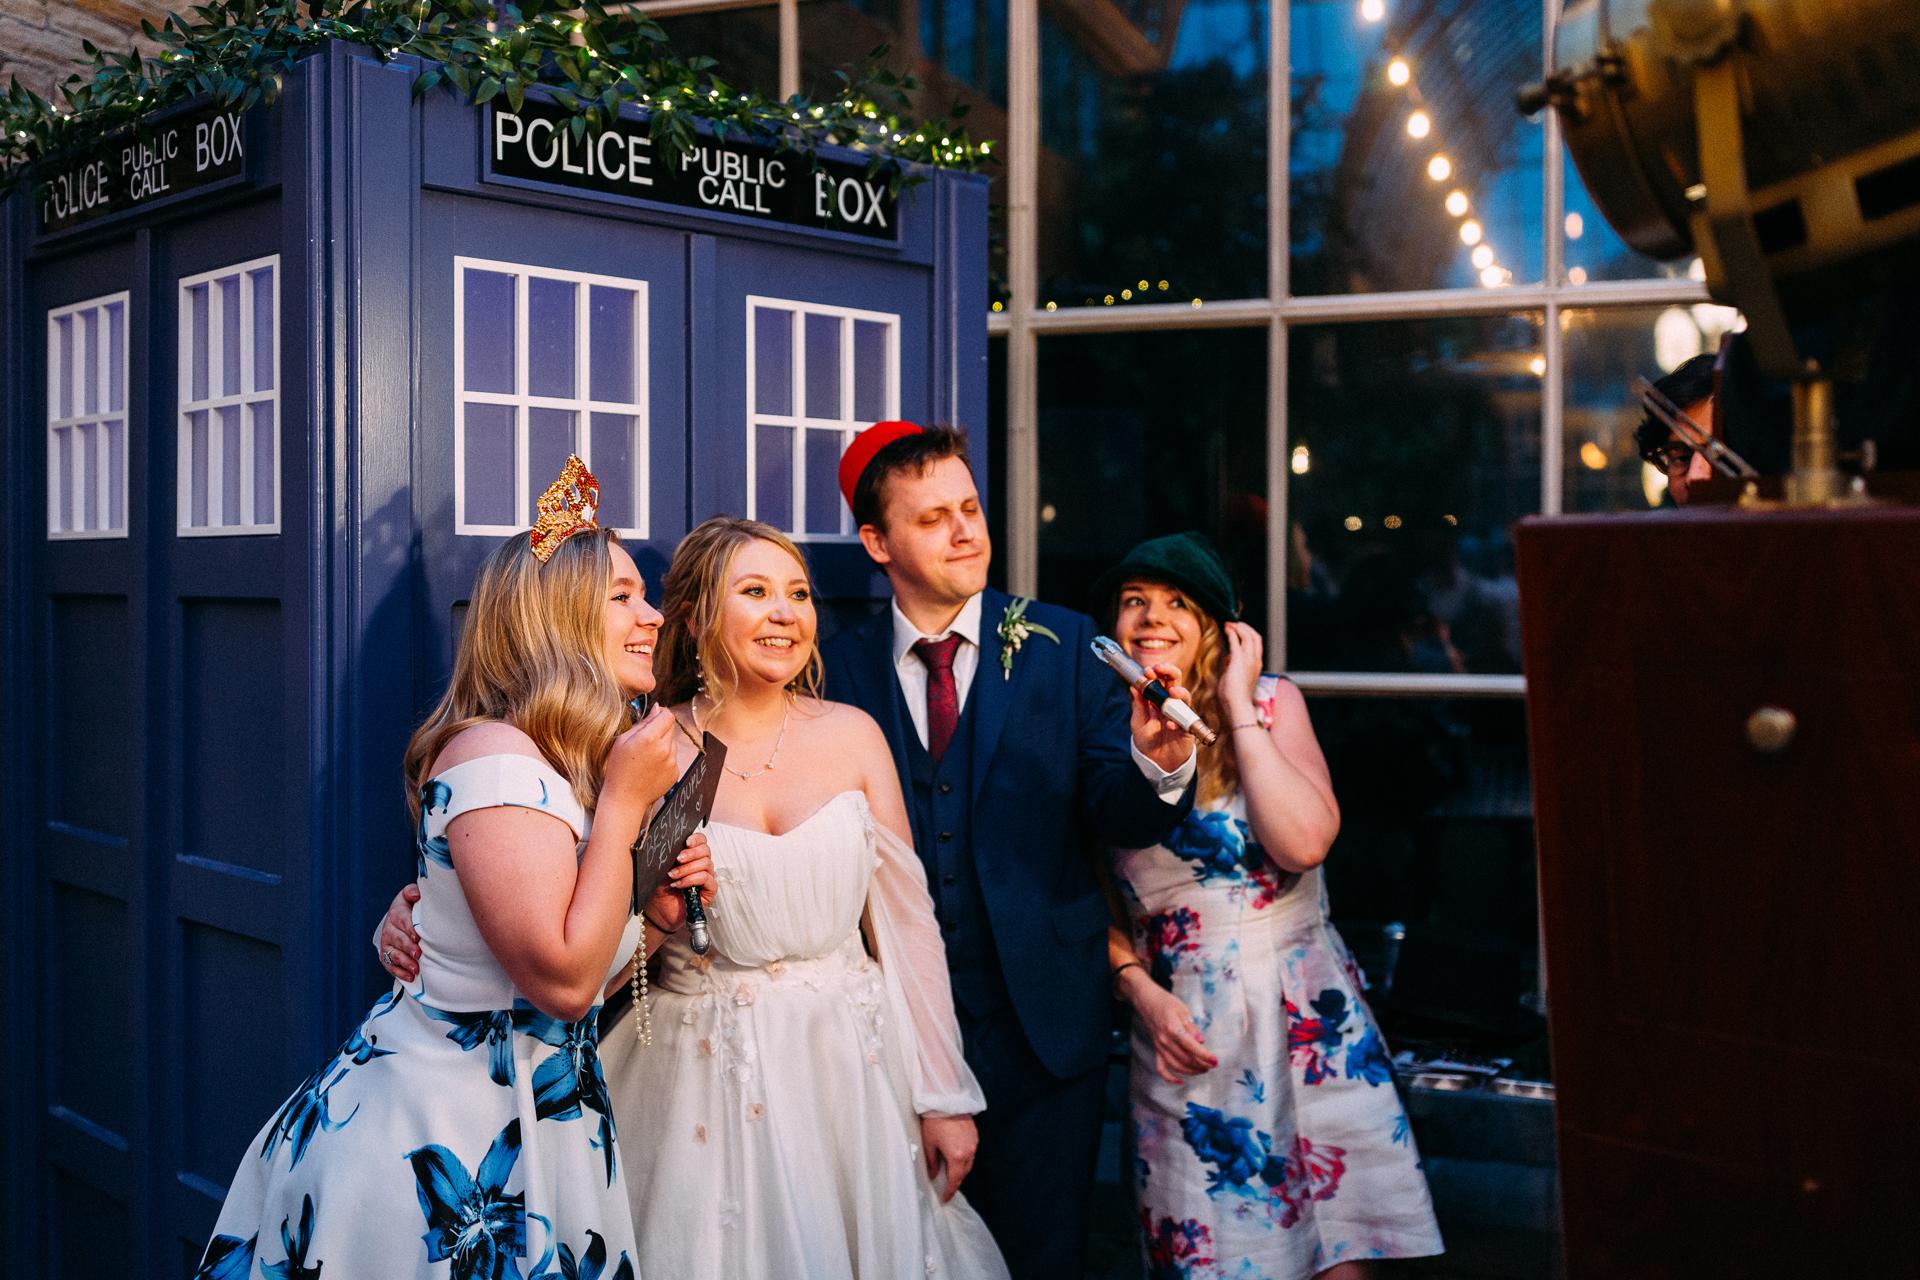 www.charlottemunro.co.uk | Image by Sanshine Photography